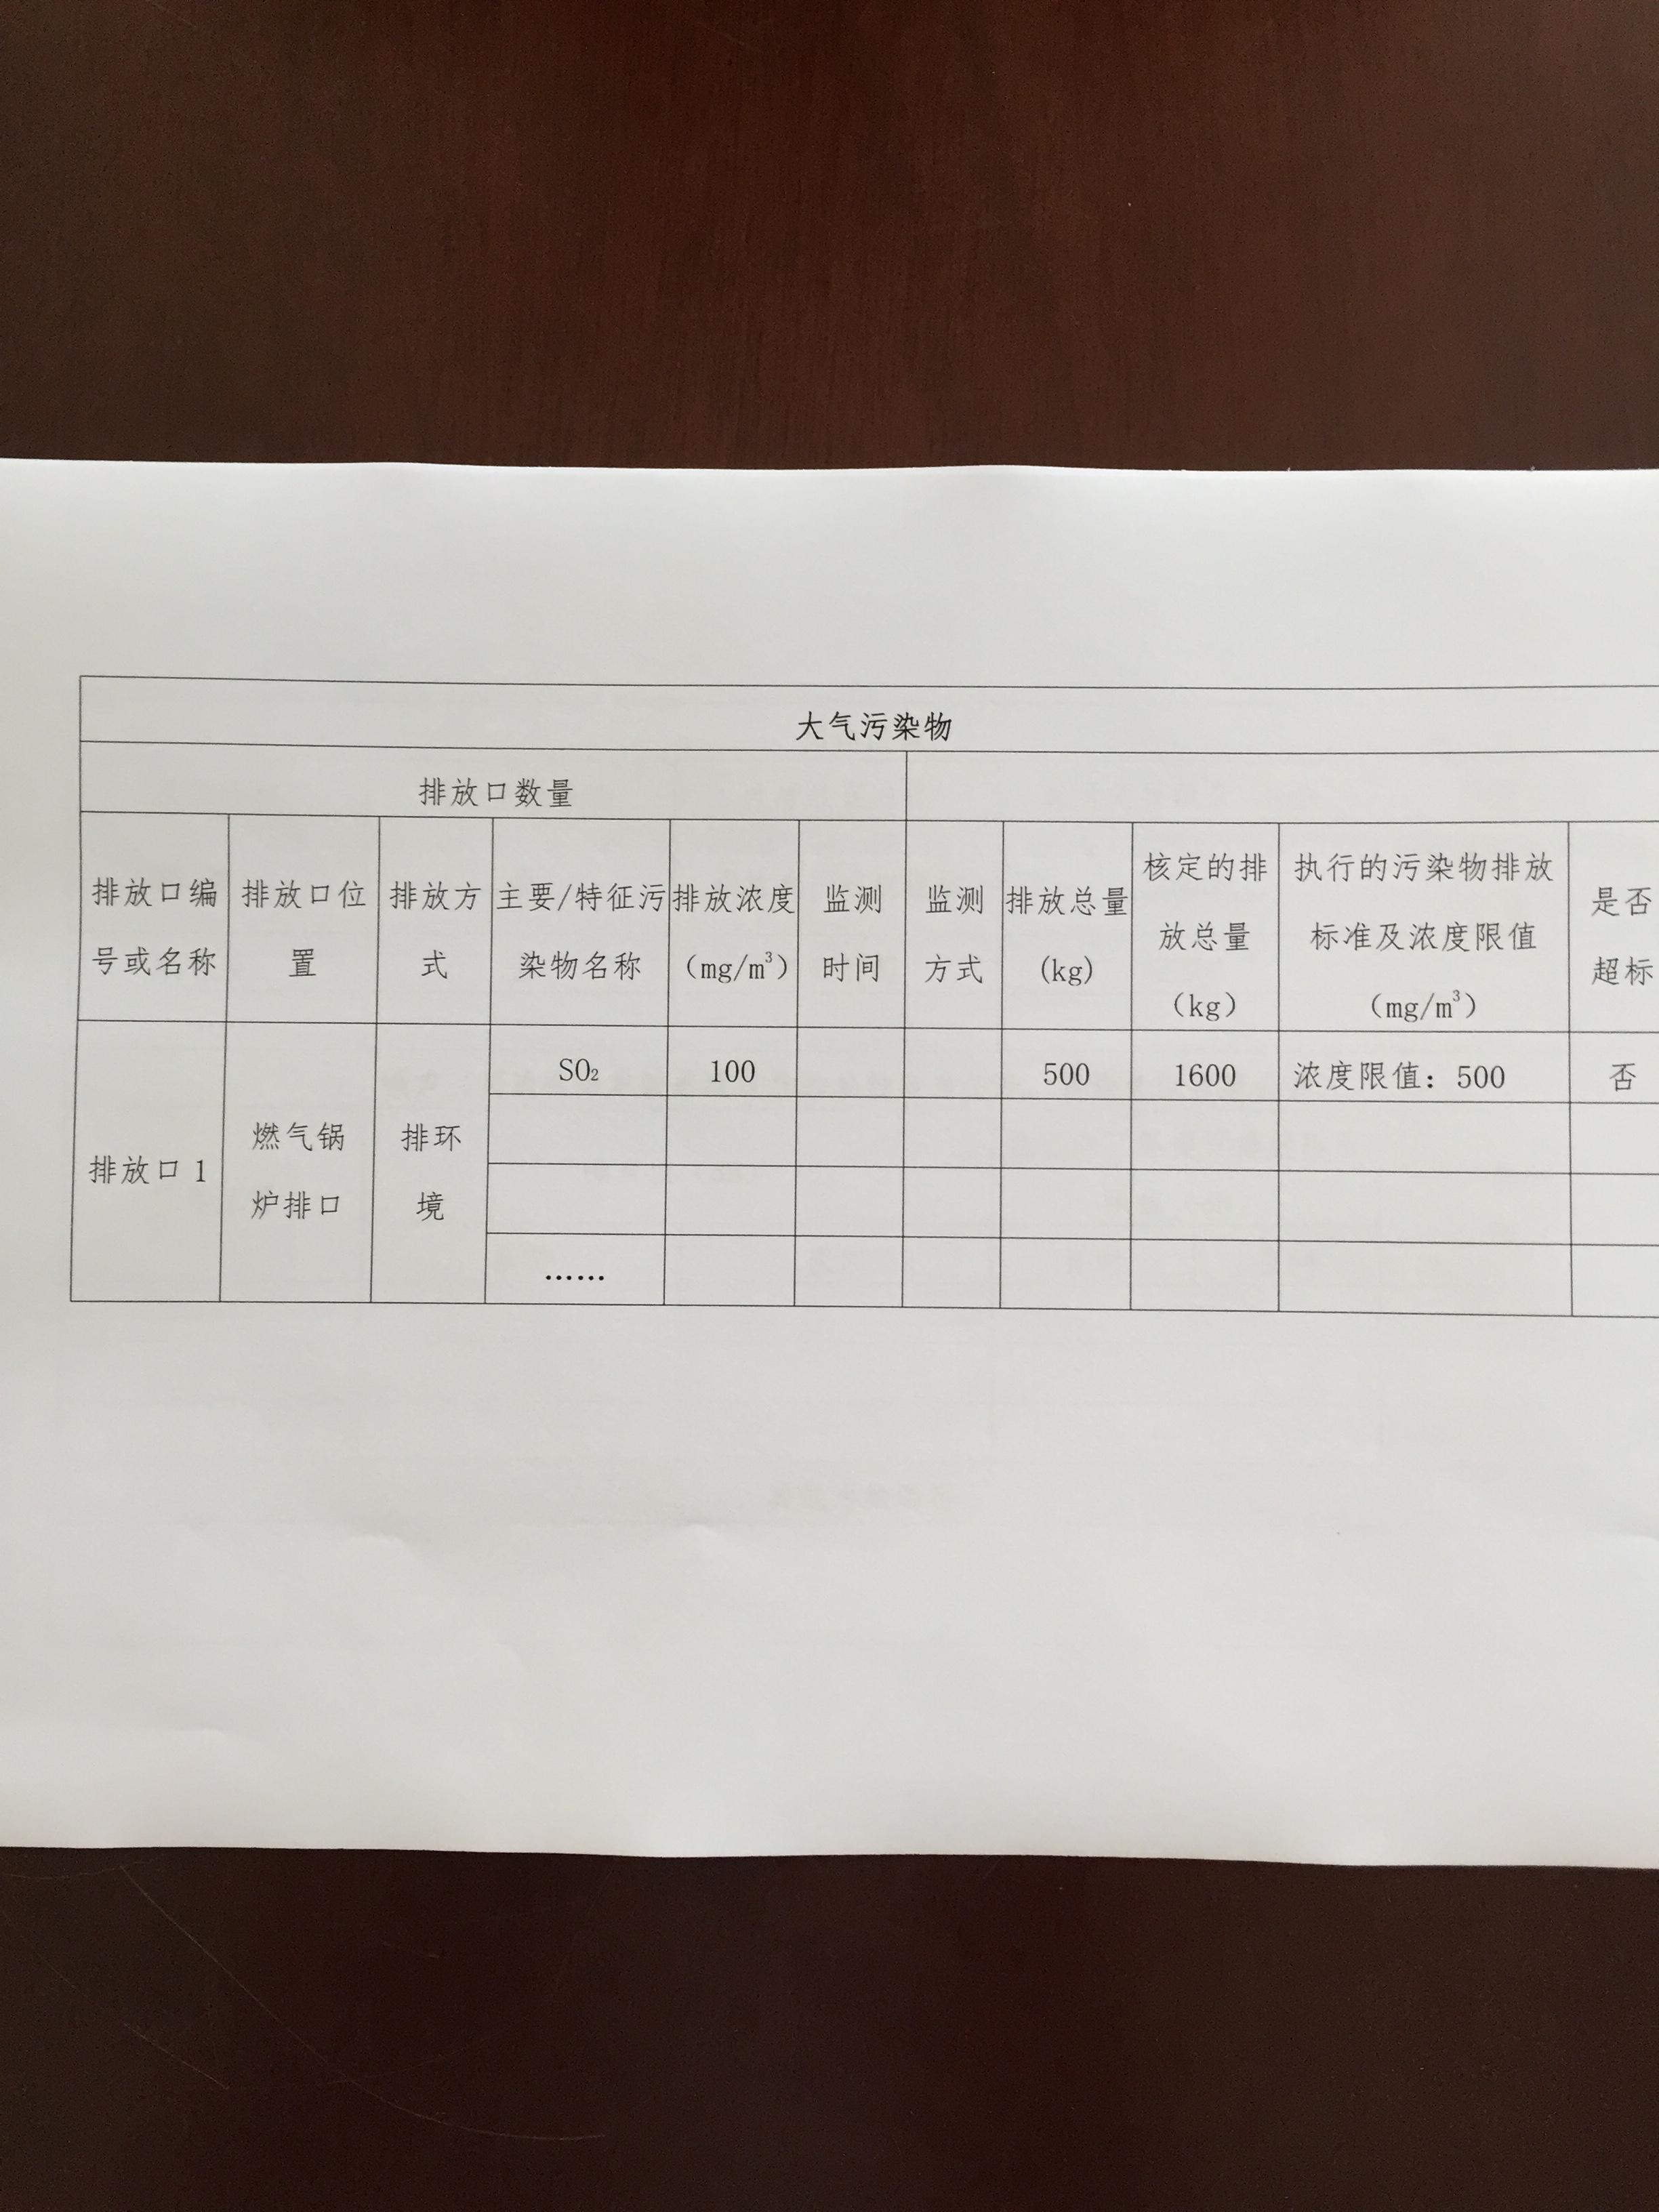 湖南天劲制药有限责任公司环境信息公开表